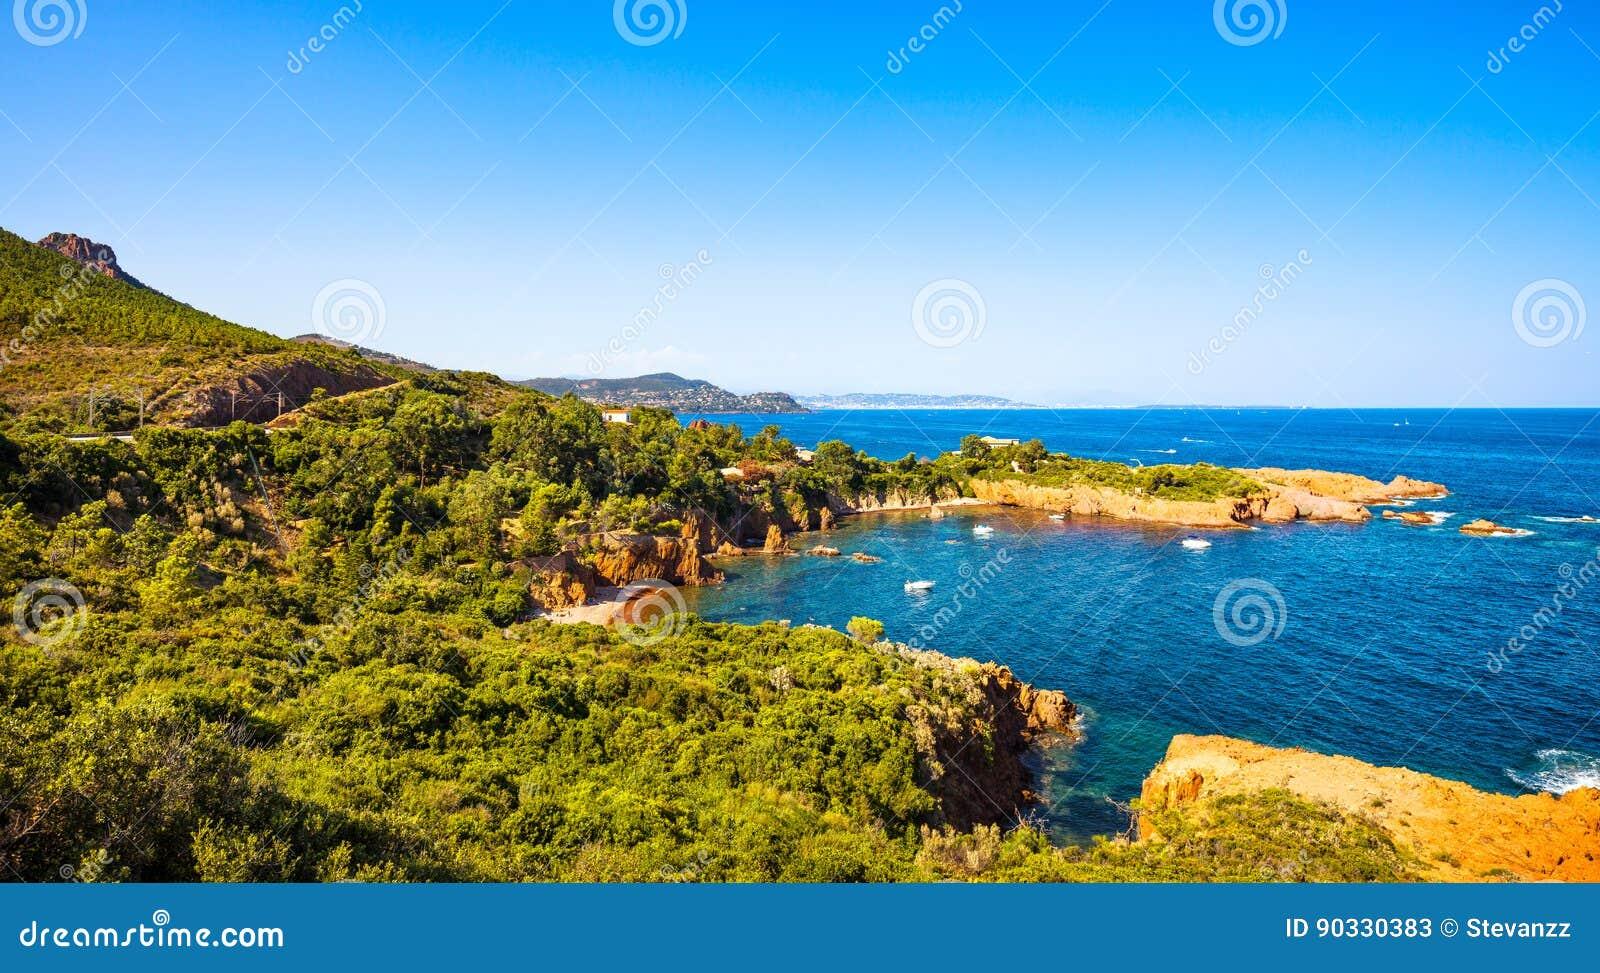 Esterel bascule la côte et la mer de plage Cote Azur, Provence, France